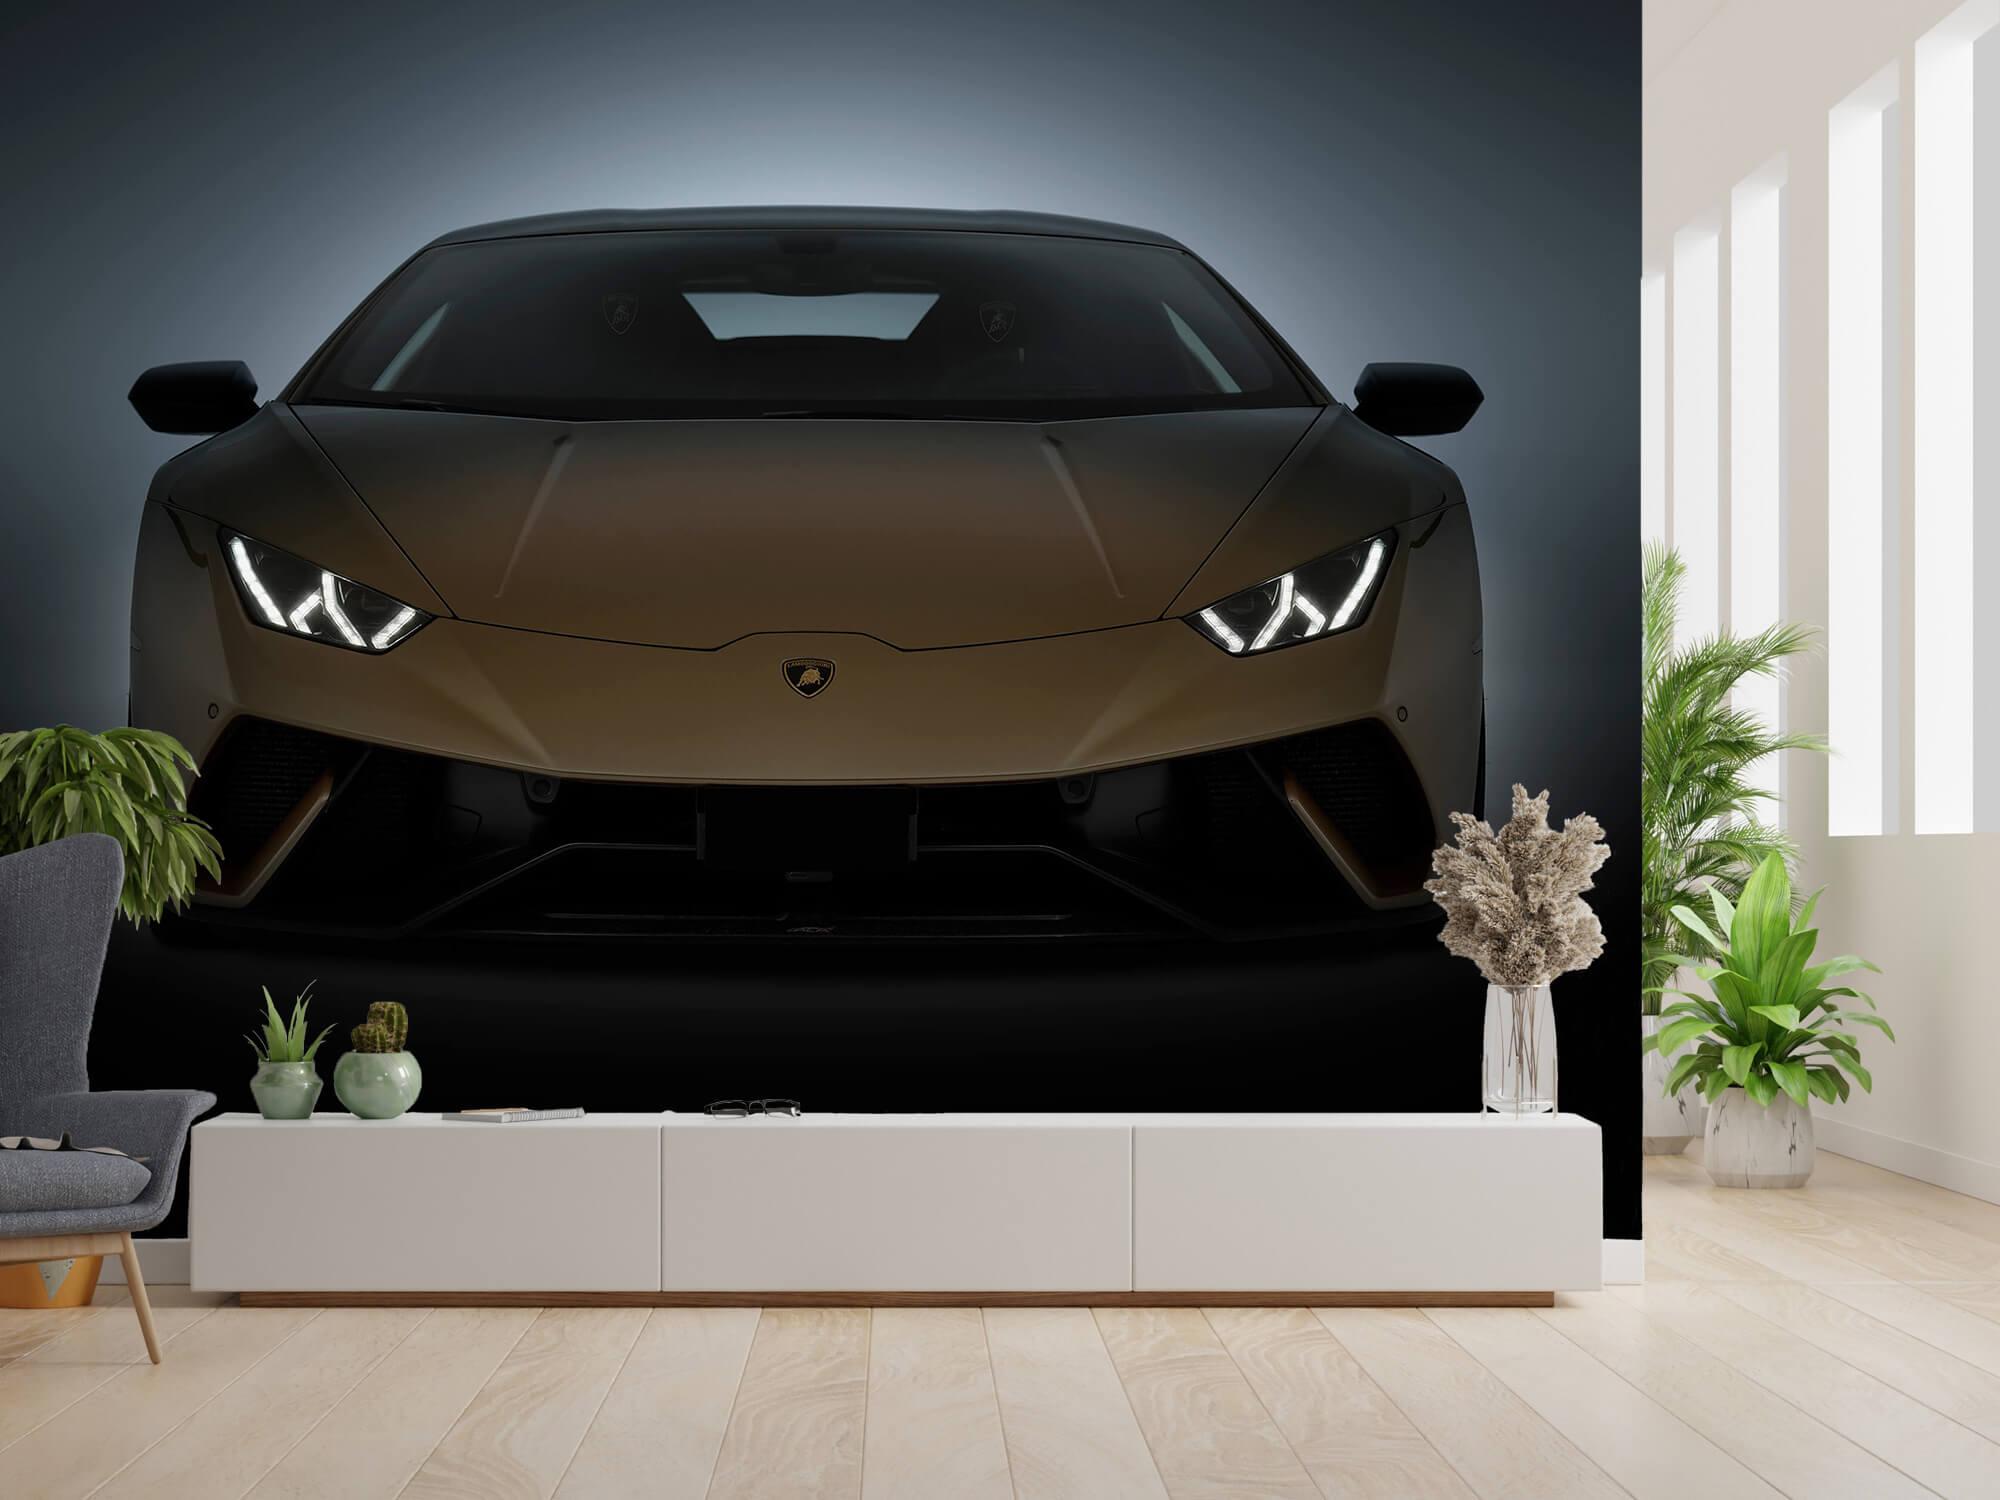 Wallpaper Lamborghini Huracán - Face avant 1